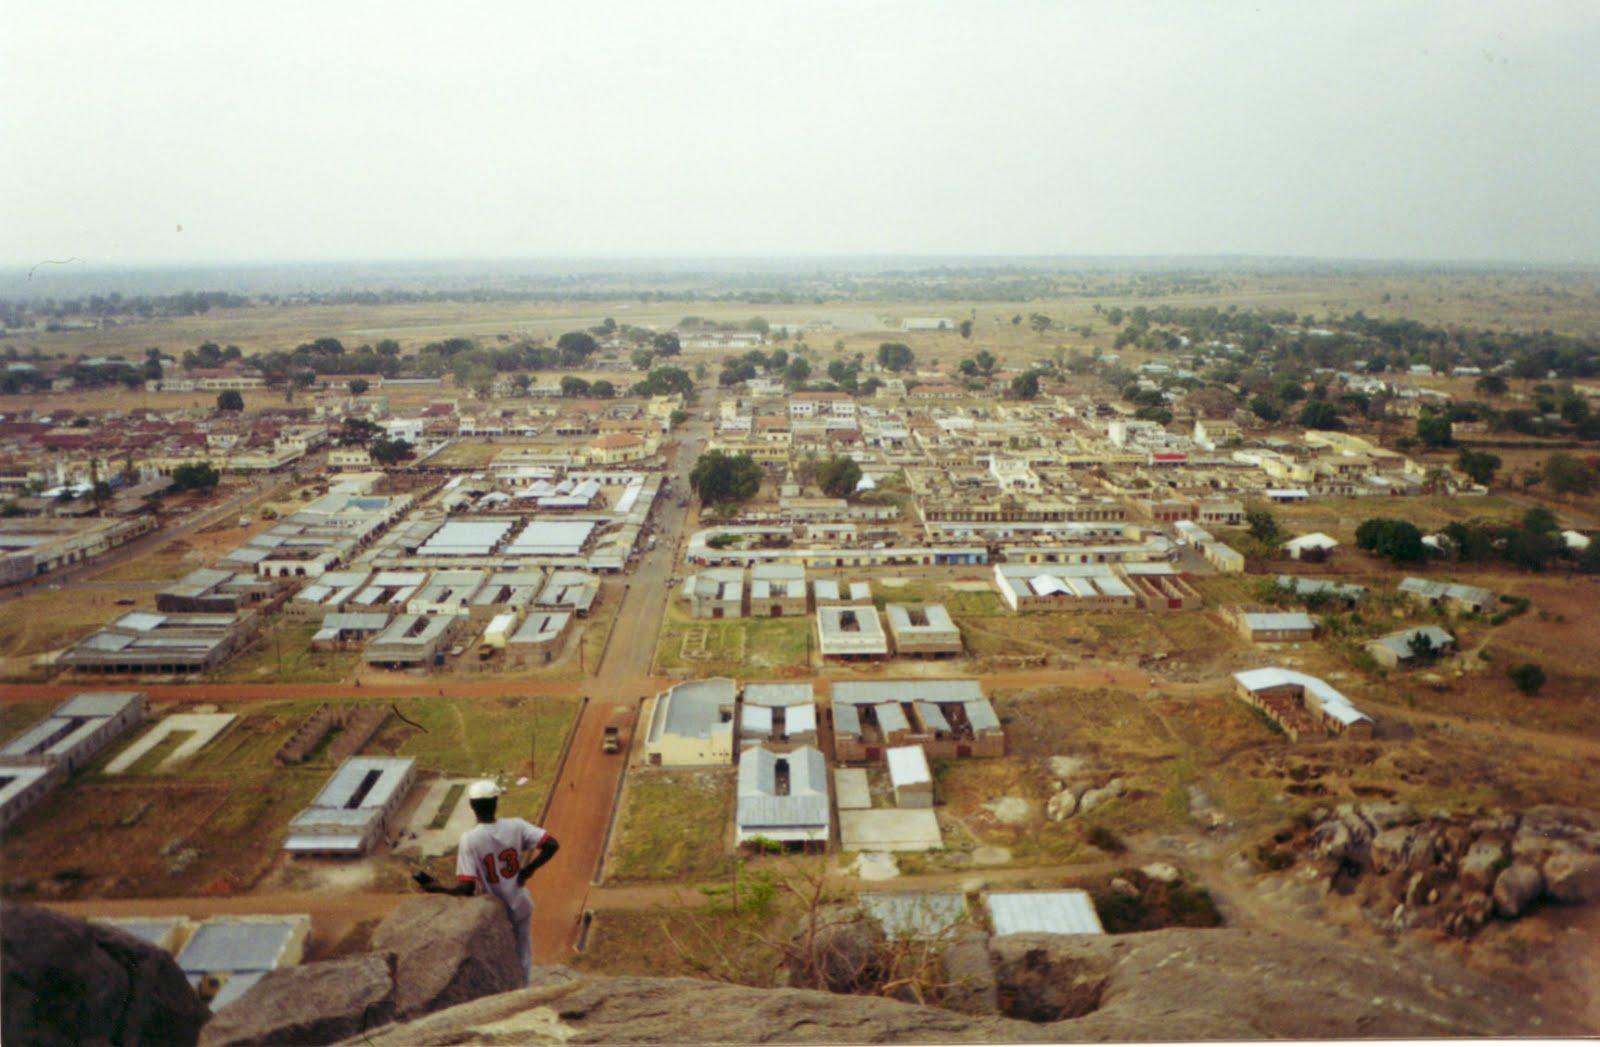 Soroti | Byen i Uganda